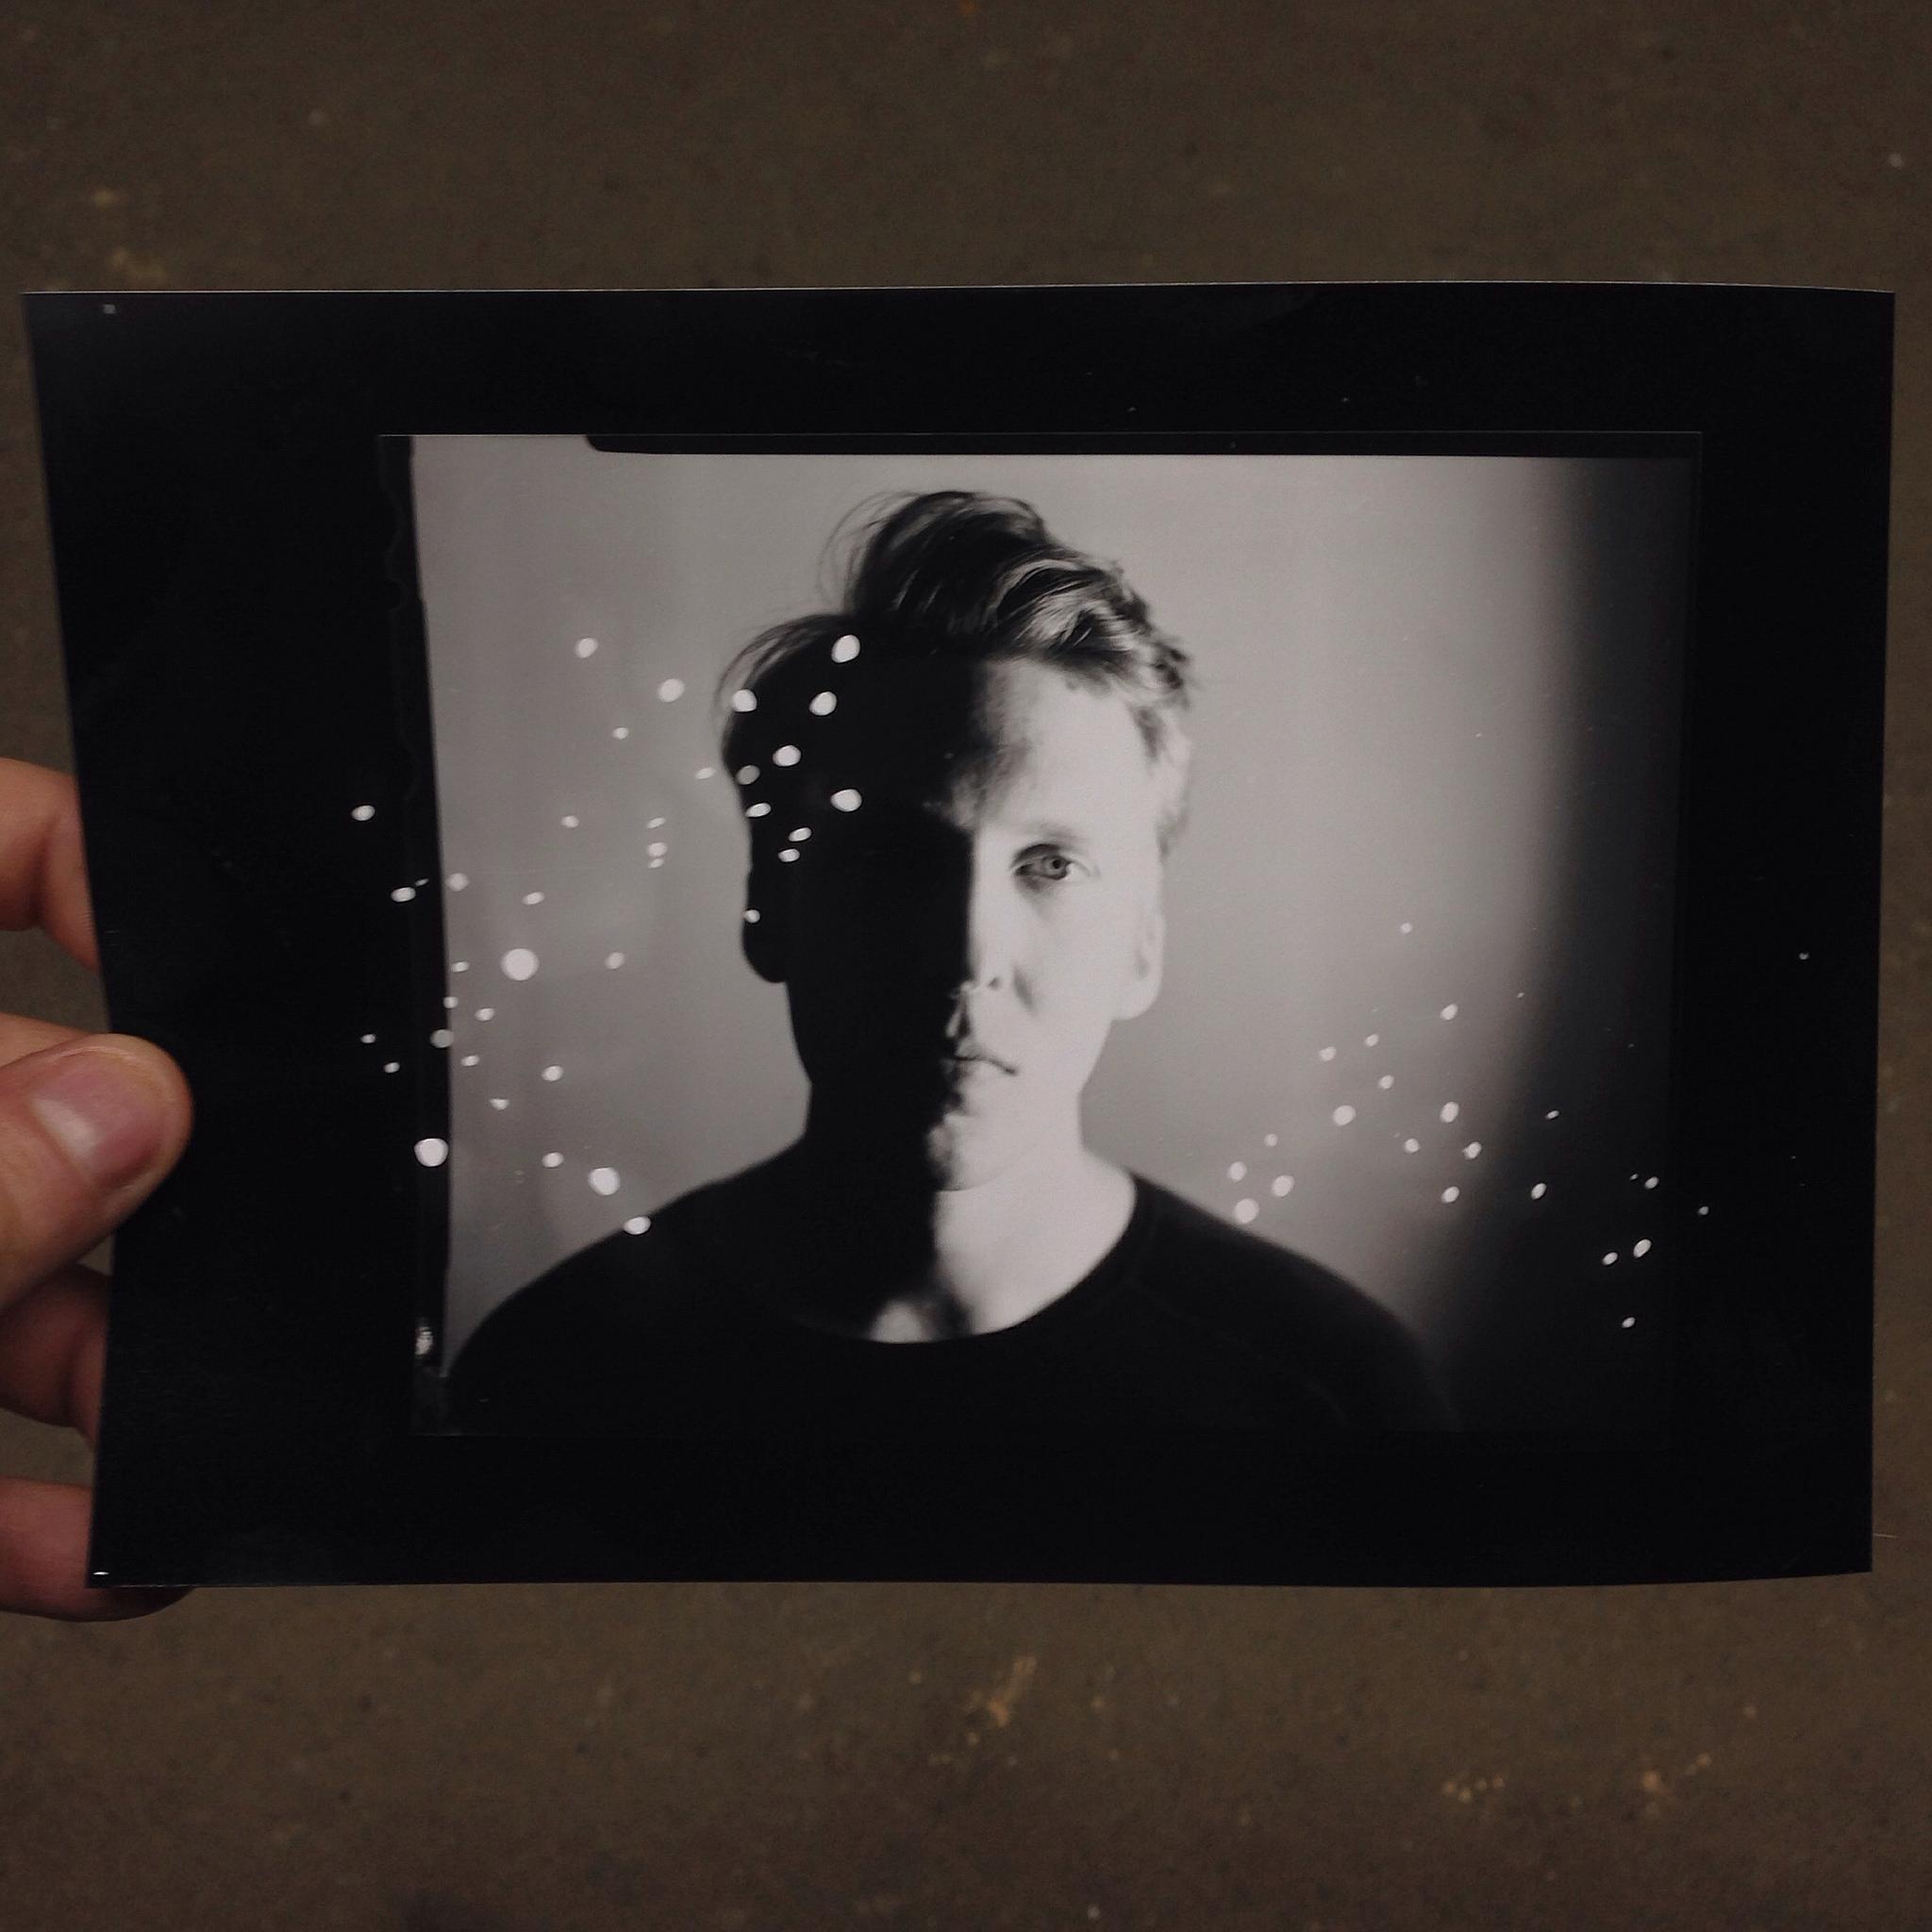 darkroom technique, silver gelatin print from 4x5